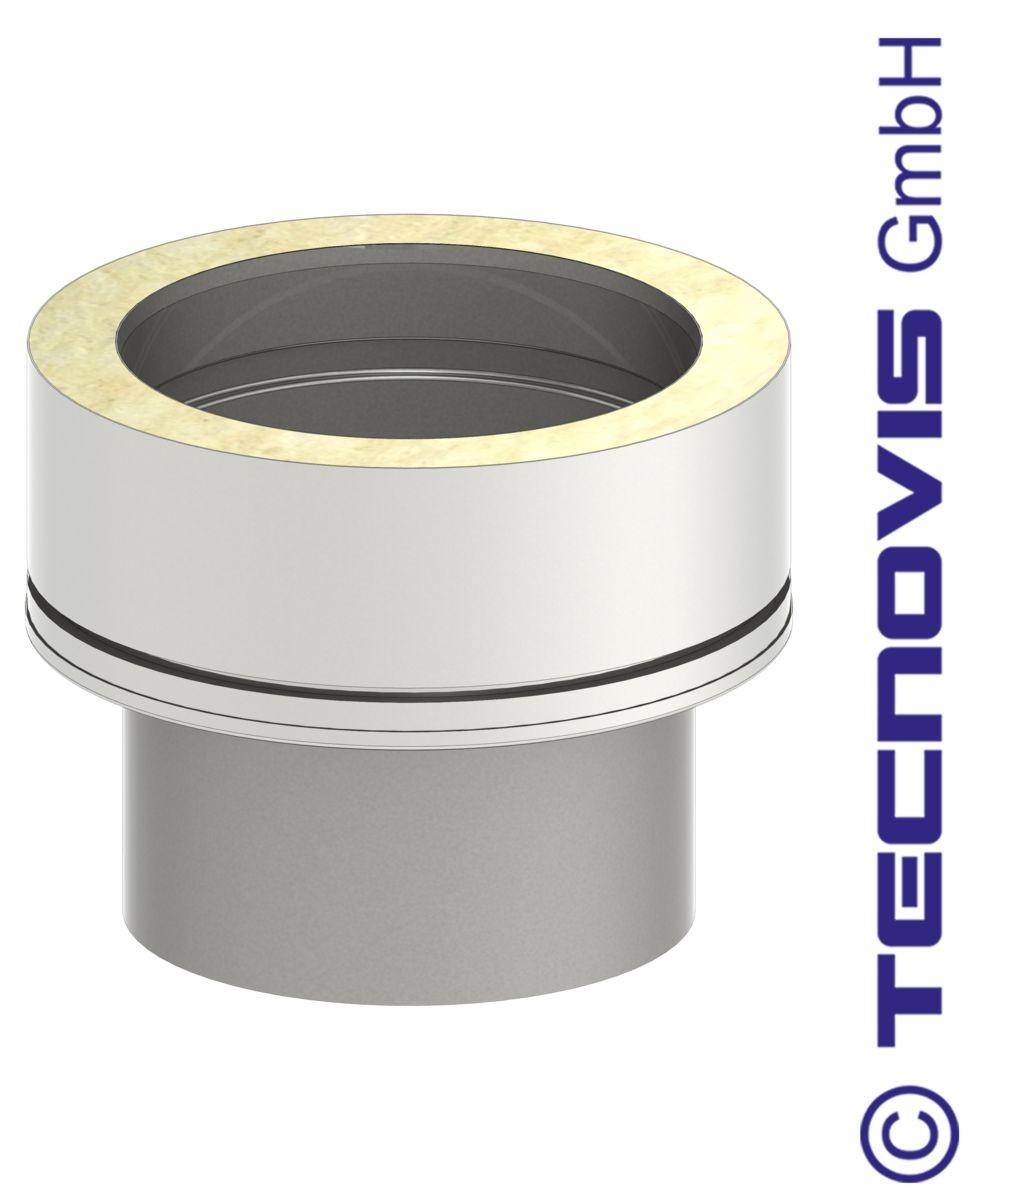 Adaptateur simple - double paroi 200 mm